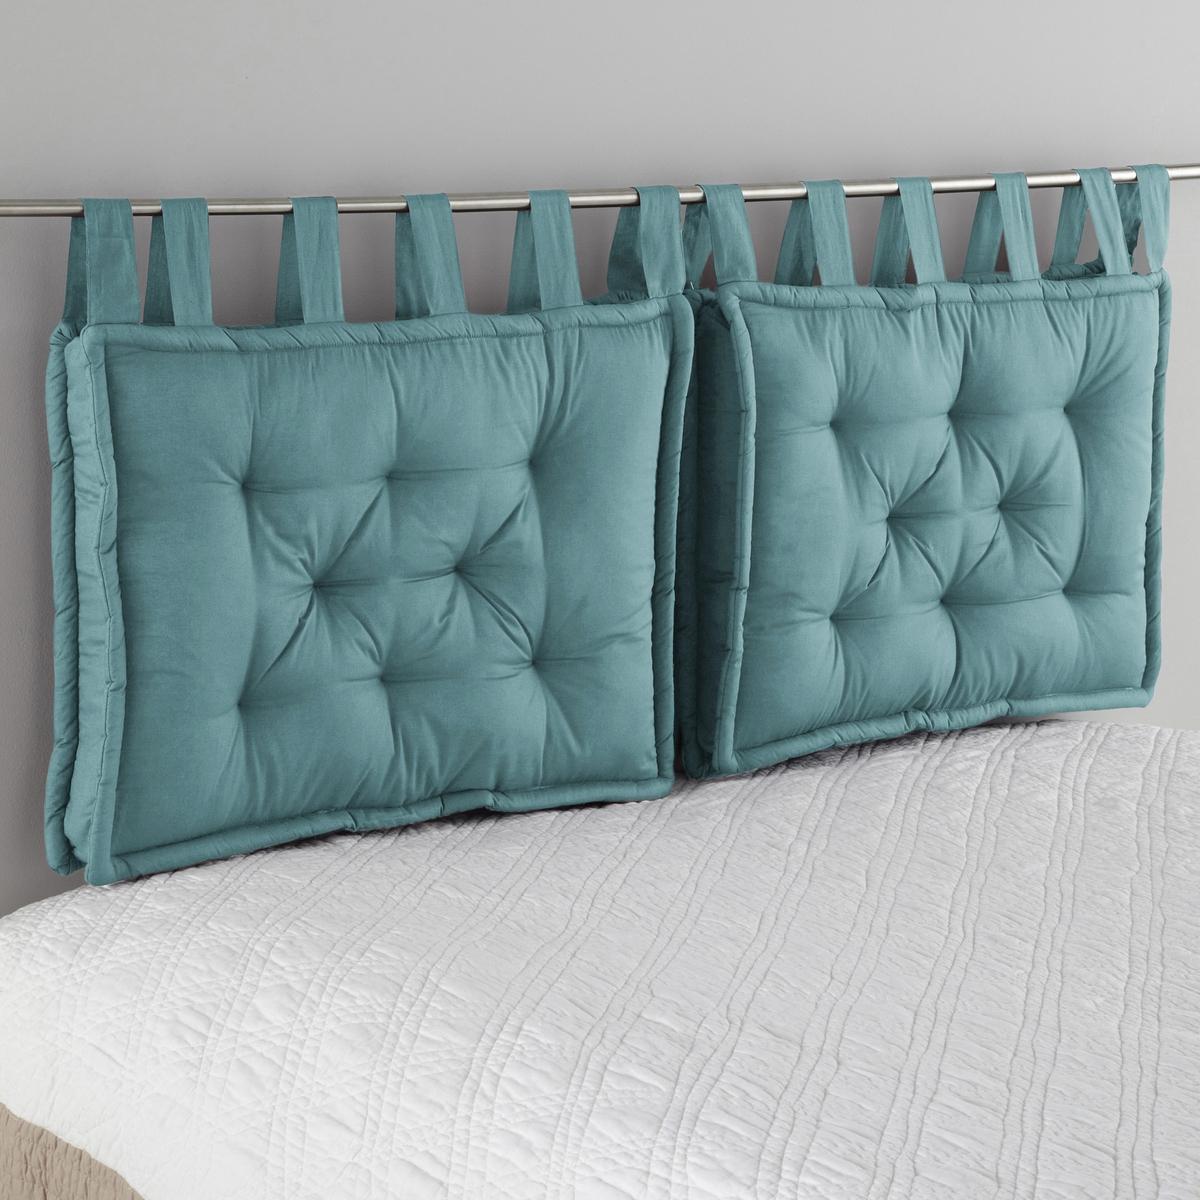 Testata del letto imbottito puro cotone SCENARIO